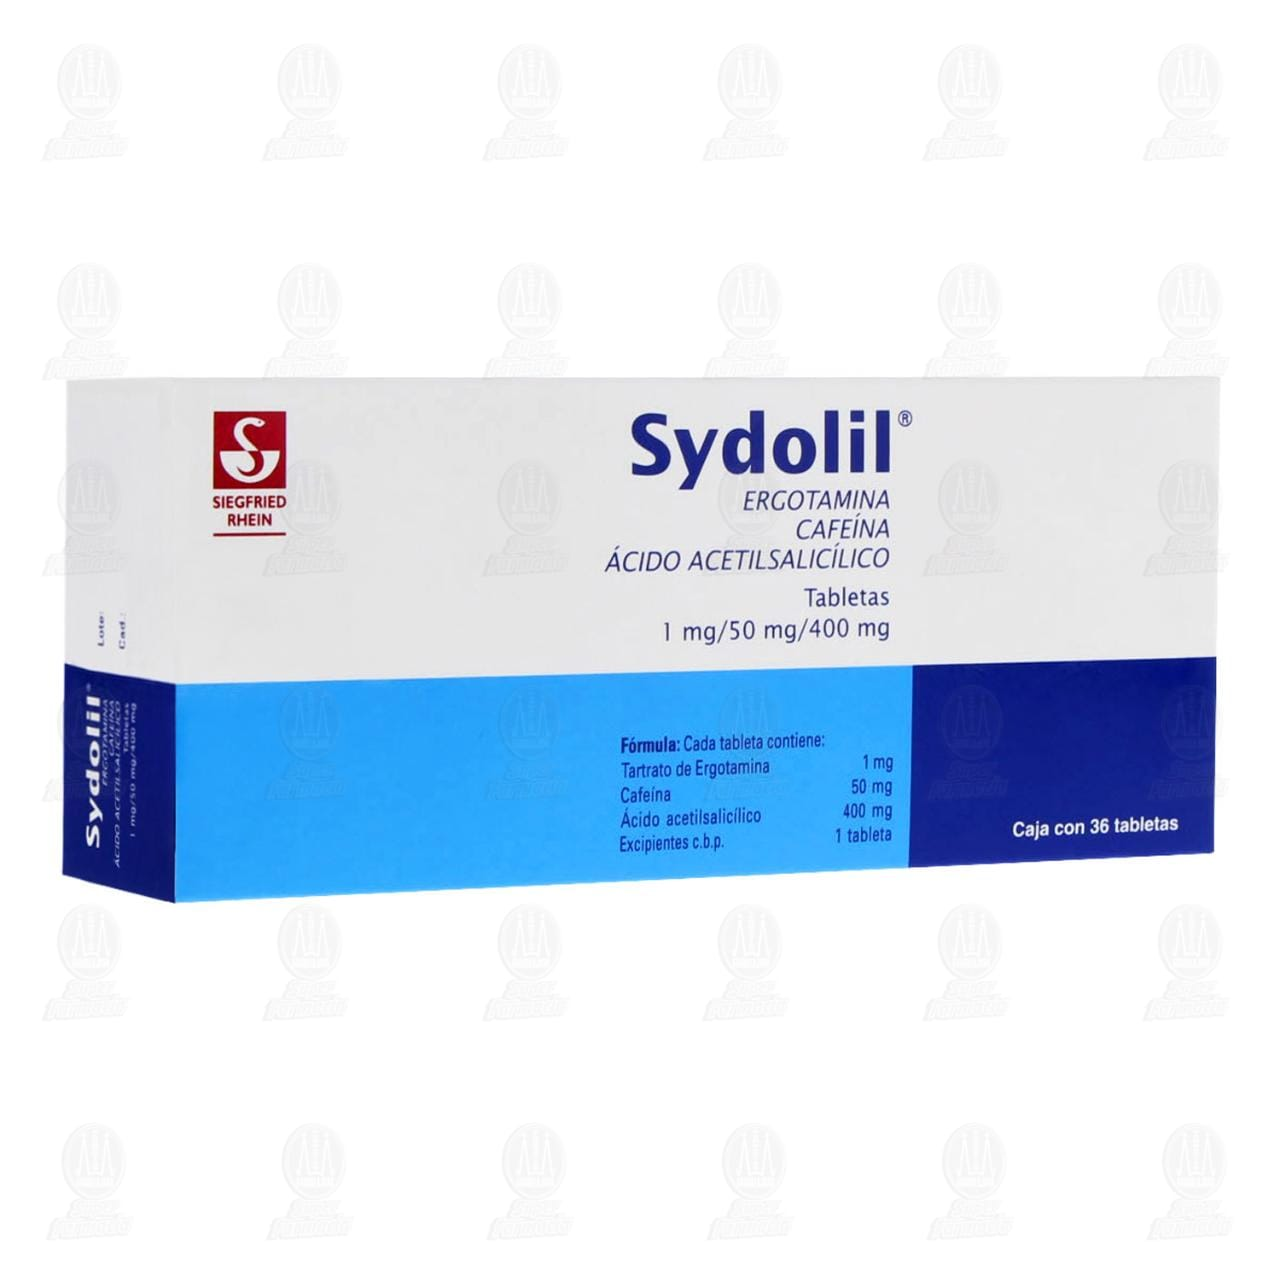 Comprar Sydolil 1mg/50mg/400mg 36 Tabletas en Farmacias Guadalajara